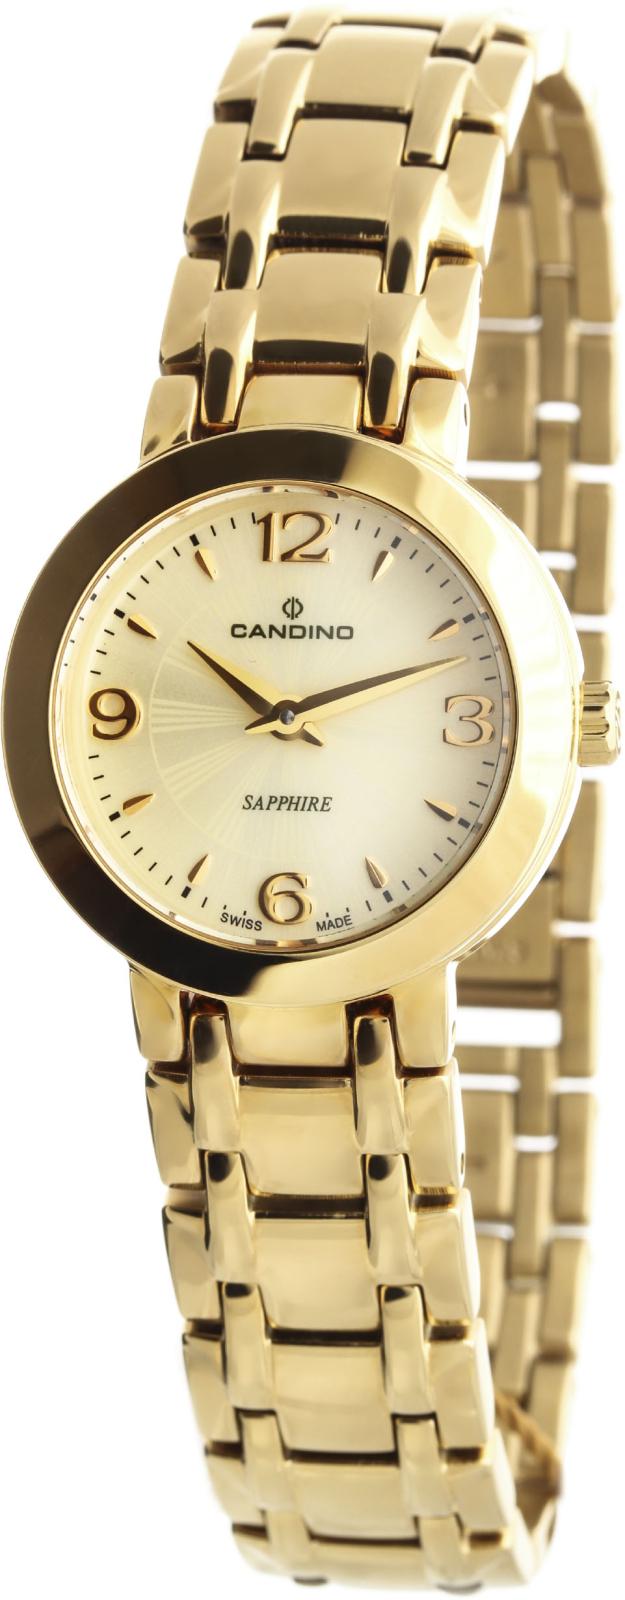 Candino Elegance C4501/2Наручные часы<br>Швейцарские часы Candino Elegance C4501/2Данная модель &amp;mdash; яркий представитель коллекции Elegance. Это женские часы. Материал корпуса часов &amp;mdash; сталь+золото. В этих часах используется сапфировое стекло. Часы выдерживают давление на глубине 30 м. Цвет циферблата - желтый. Циферблат часов содержит часы, минуты. Корпус часов в диаметре 26мм.<br><br>Пол: Женские<br>Страна-производитель: Швейцария<br>Механизм: Кварцевый<br>Материал корпуса: Сталь+Золото<br>Материал ремня/браслета: Сталь+Золото<br>Водозащита, диапазон: 20 - 100 м<br>Стекло: Сапфировое<br>Толщина корпуса: None<br>Стиль: Мода